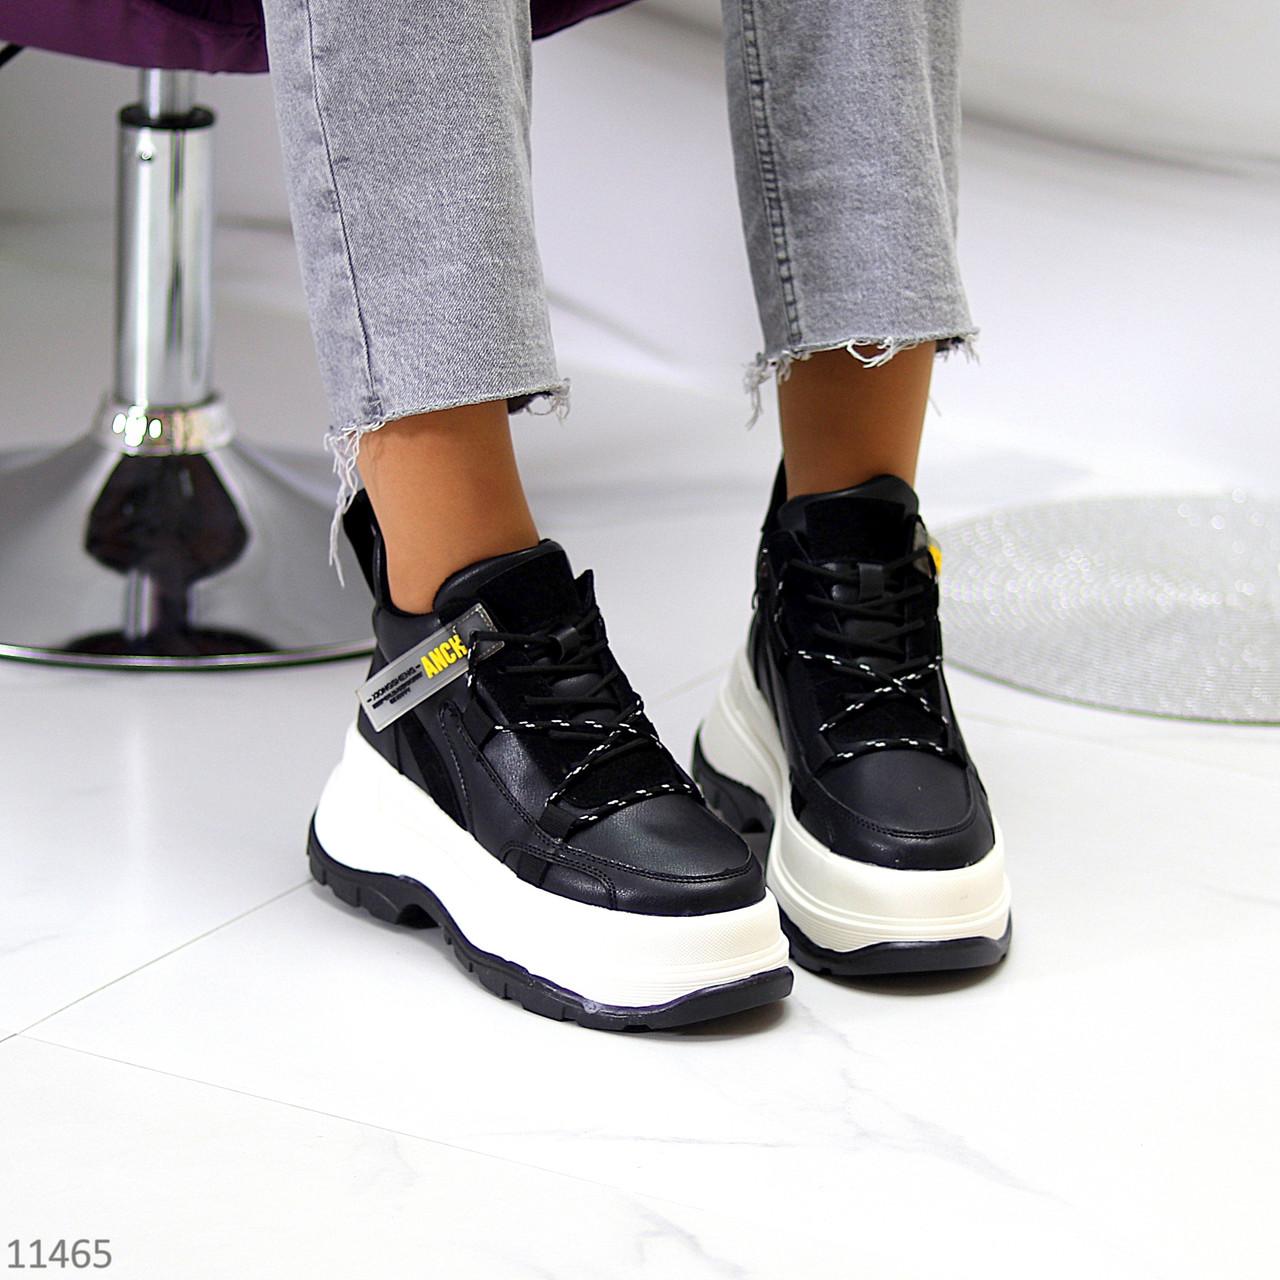 Эффектные черные женские кроссовки сникерсы на белой платформе